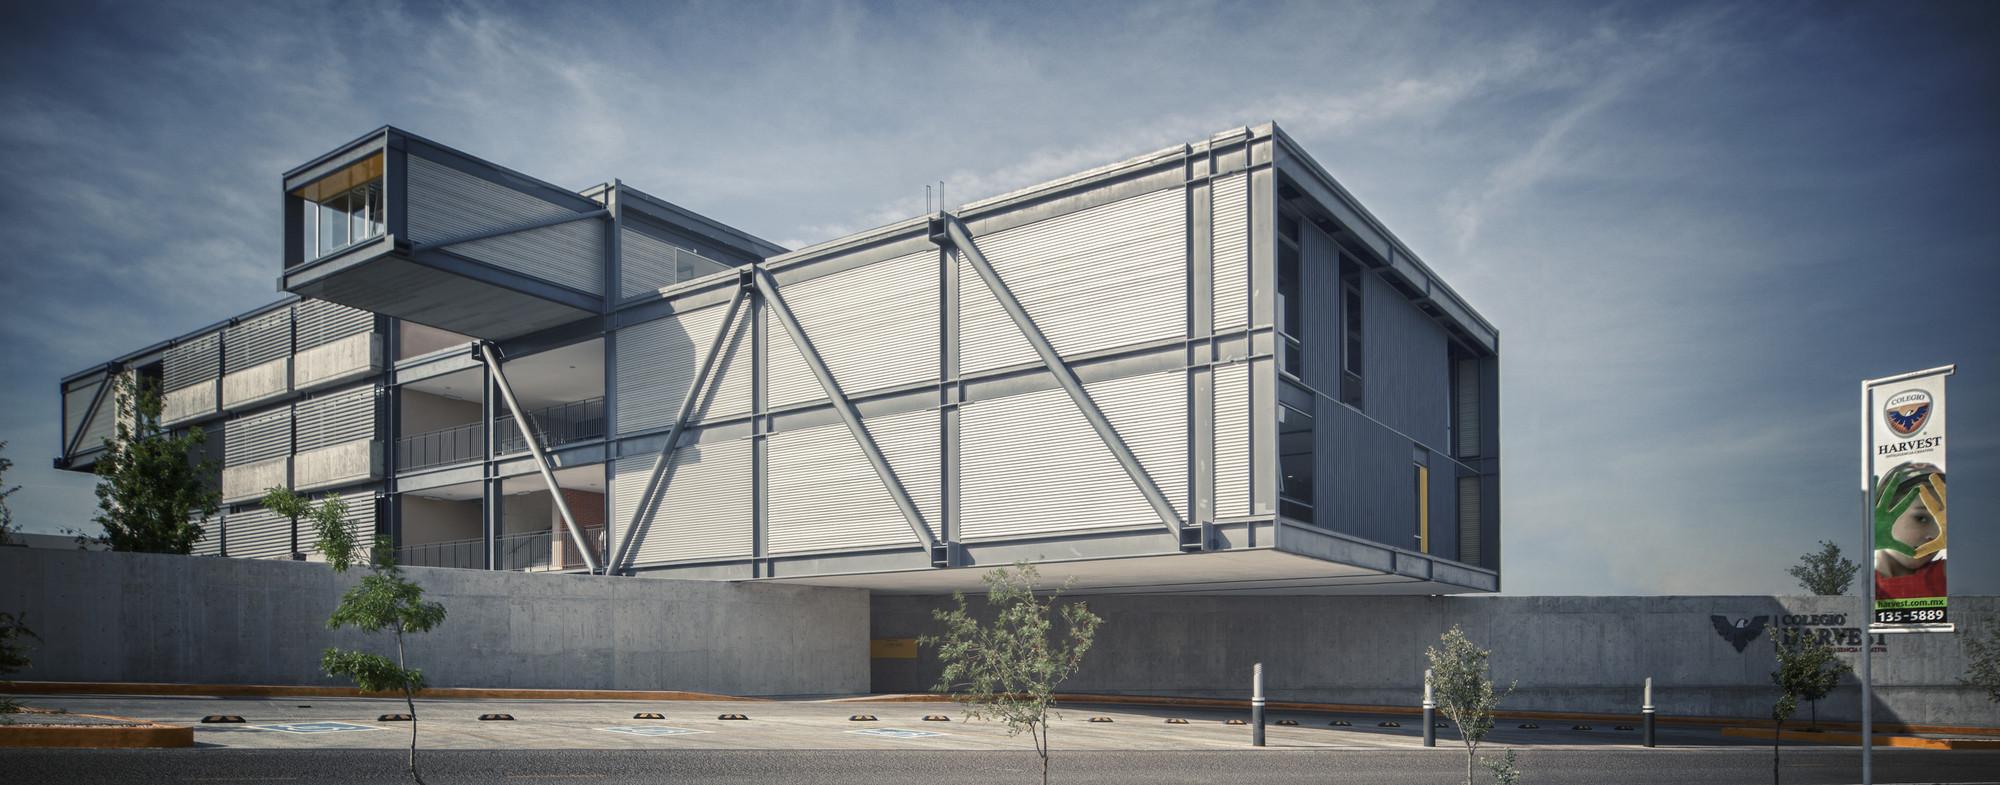 Colegio harvest zendejas arquitectos marv n for Plataforma de arquitectura